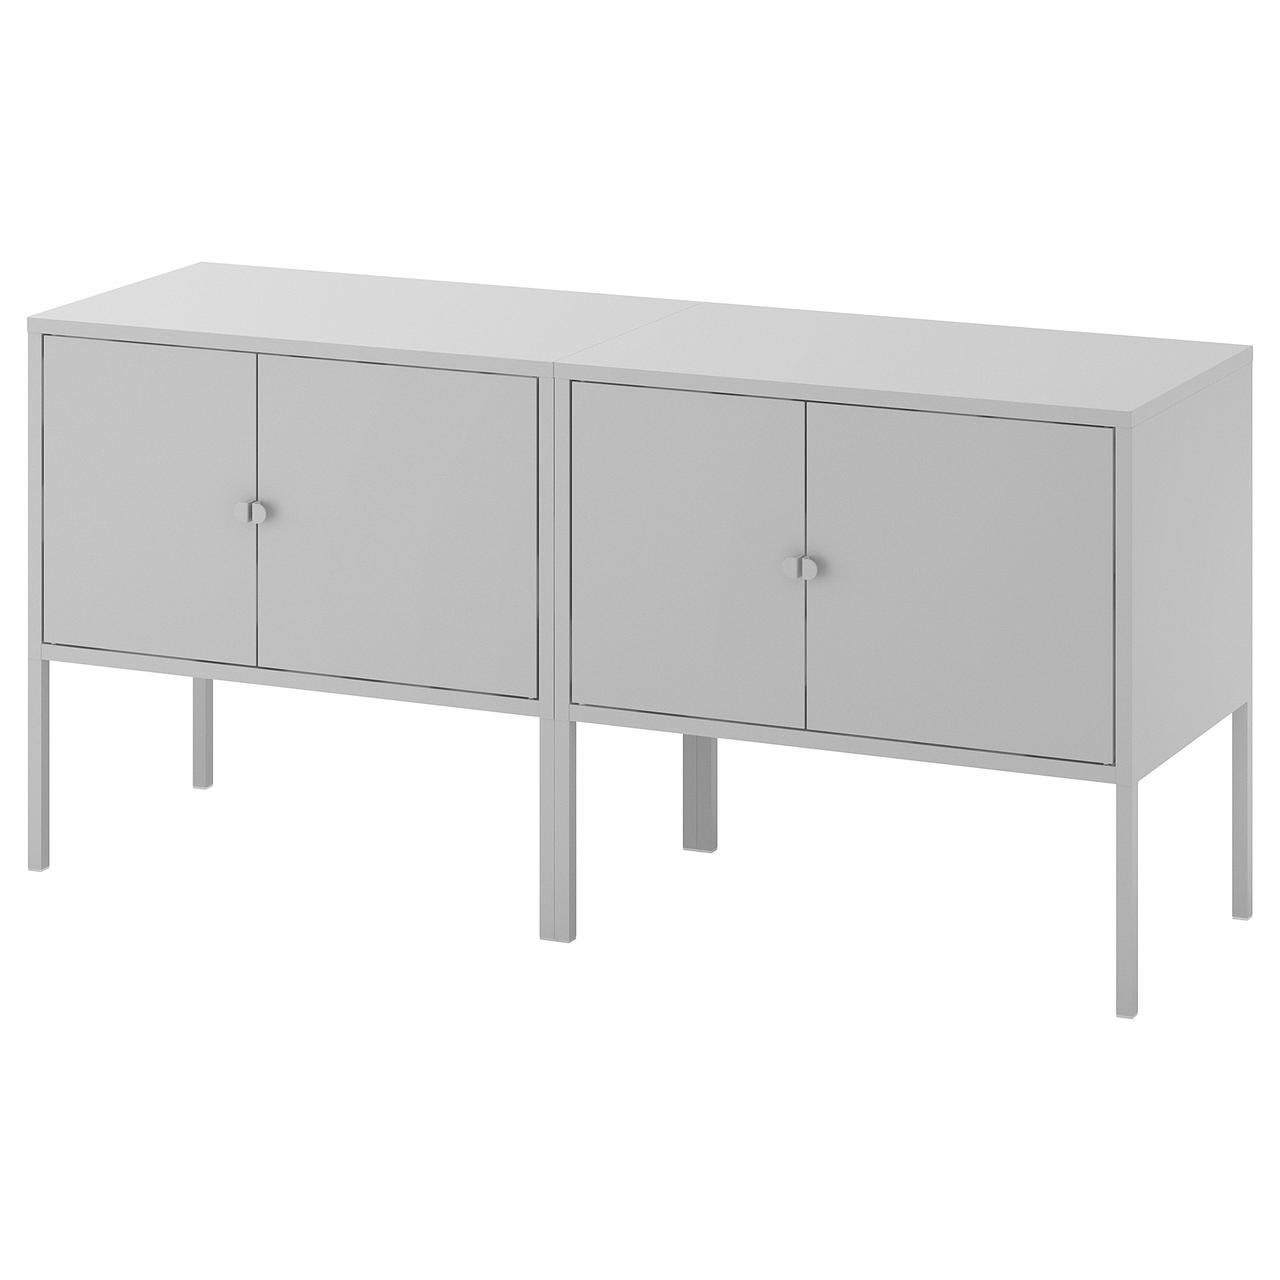 ЛИКСГУЛЬТ Комбинация шкафов, серый